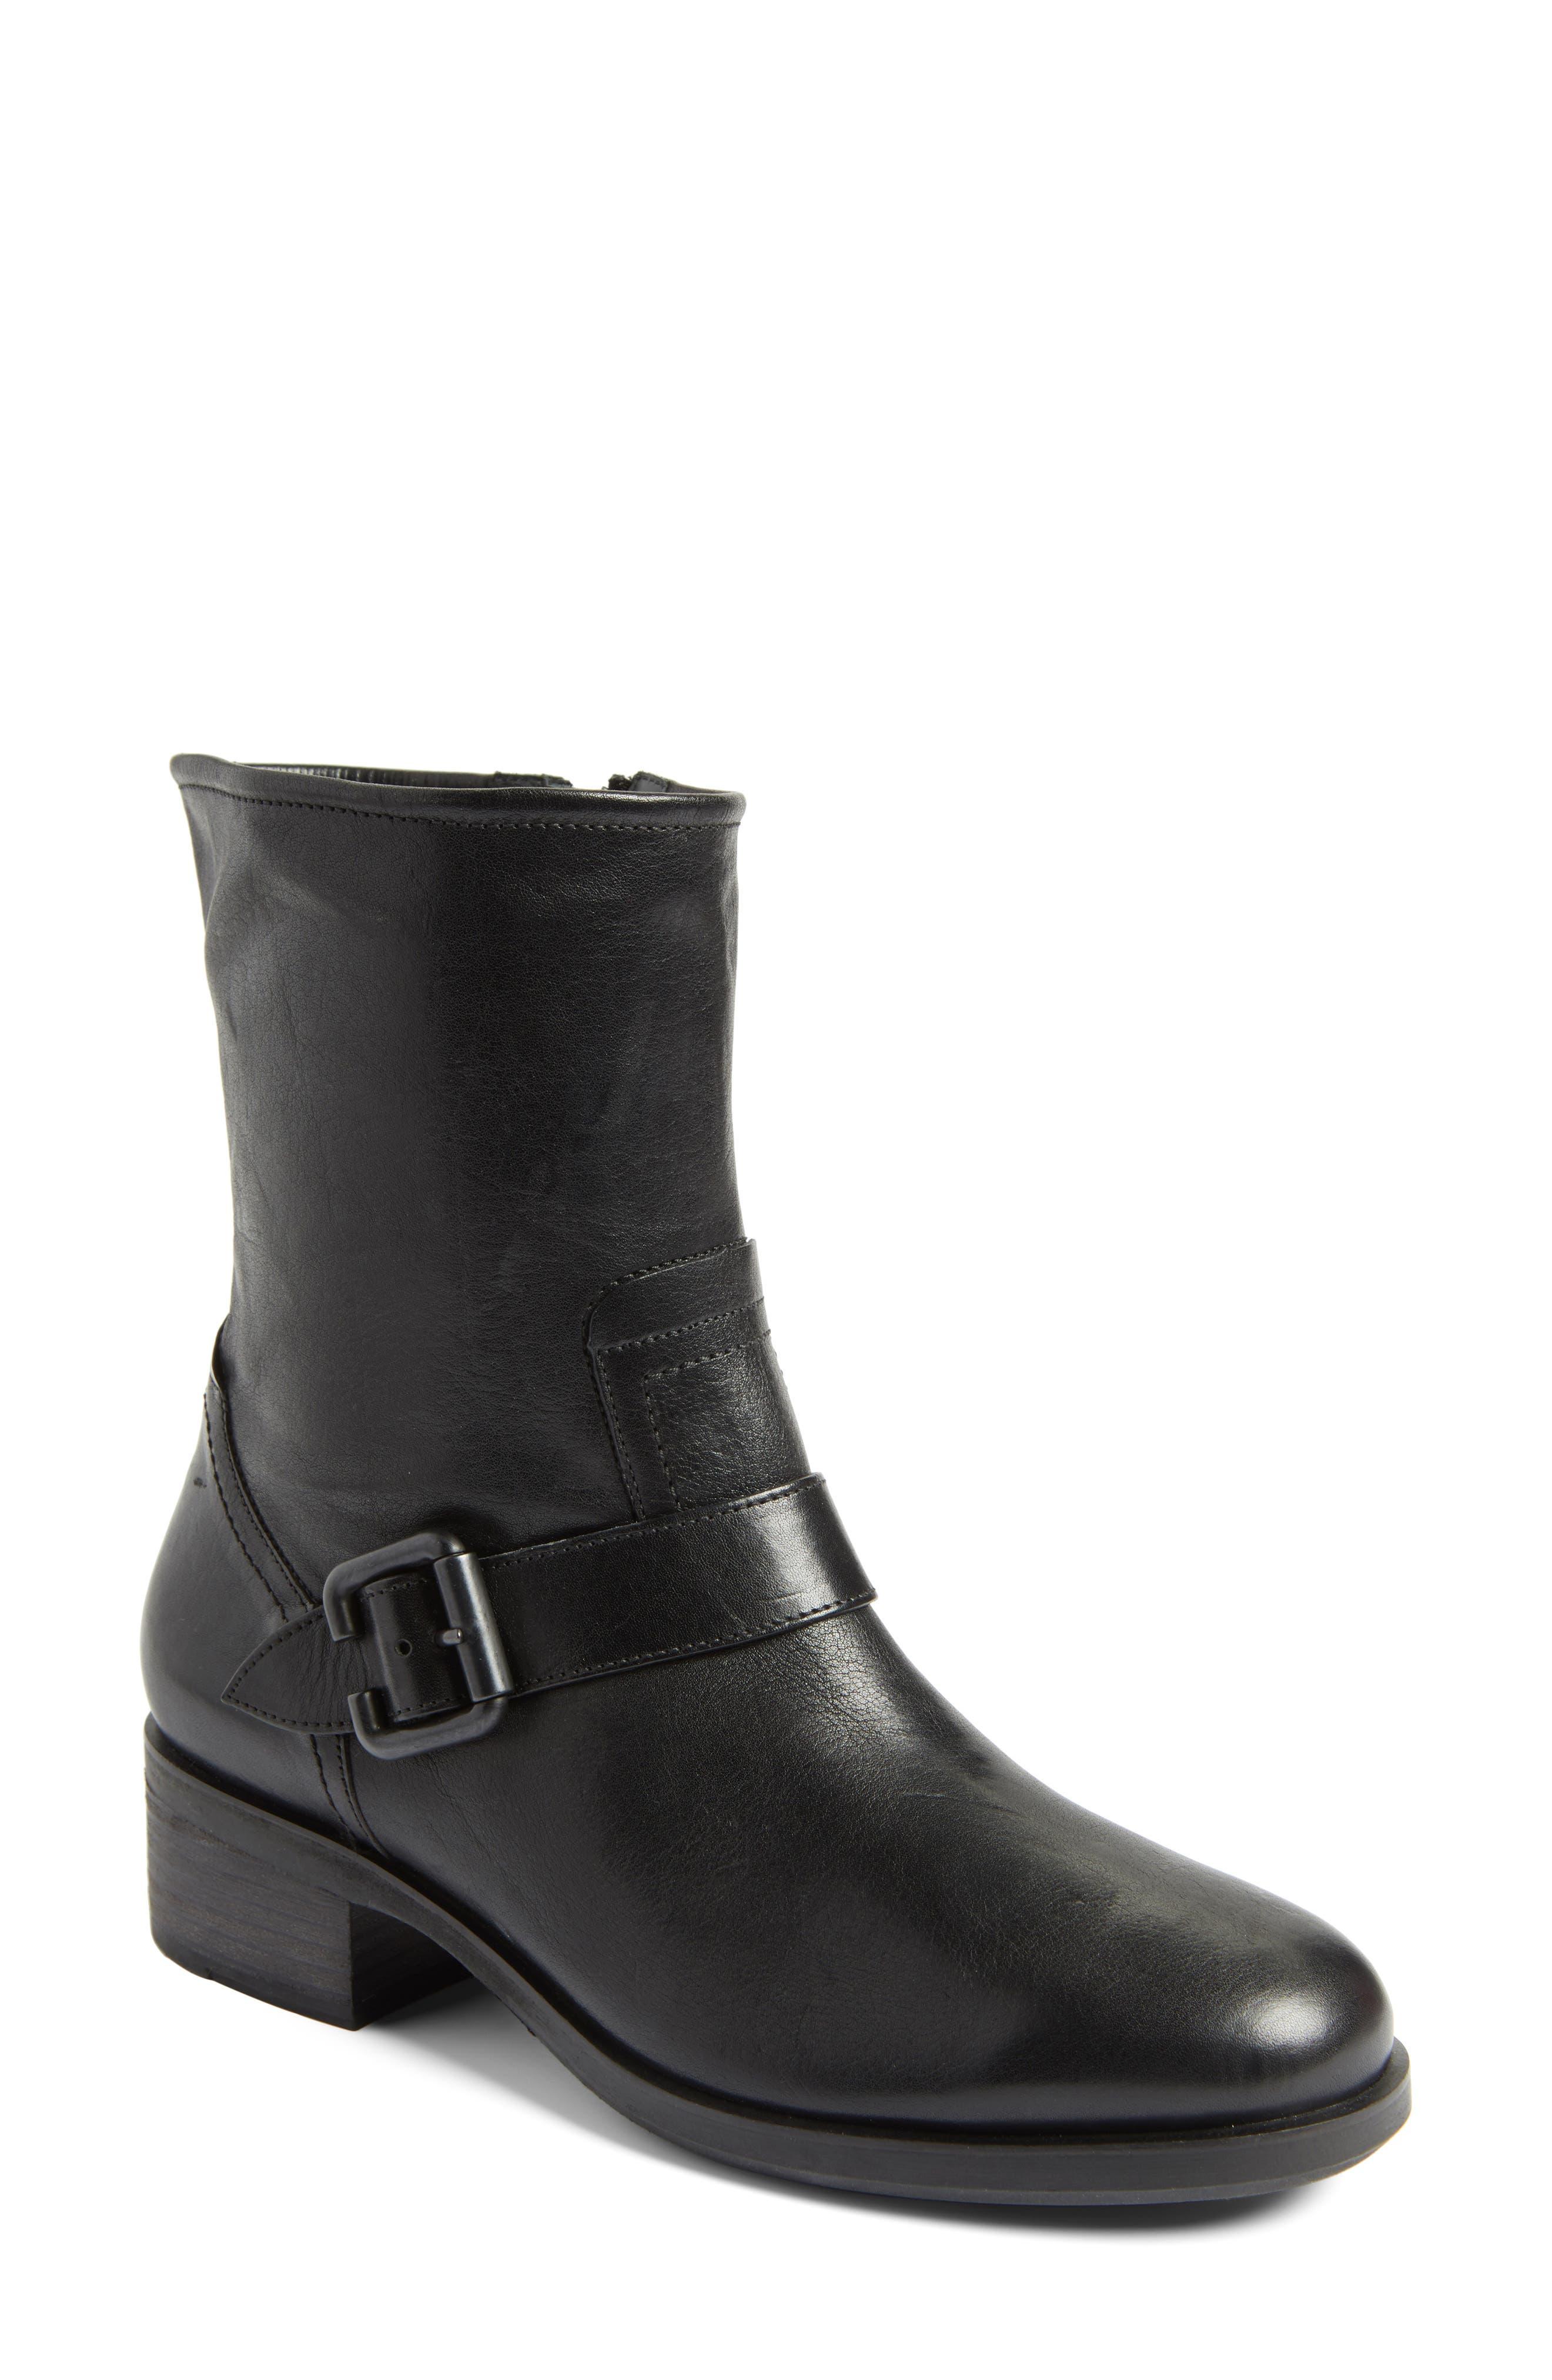 Nixon Moto Boot,                             Main thumbnail 1, color,                             Black Leather